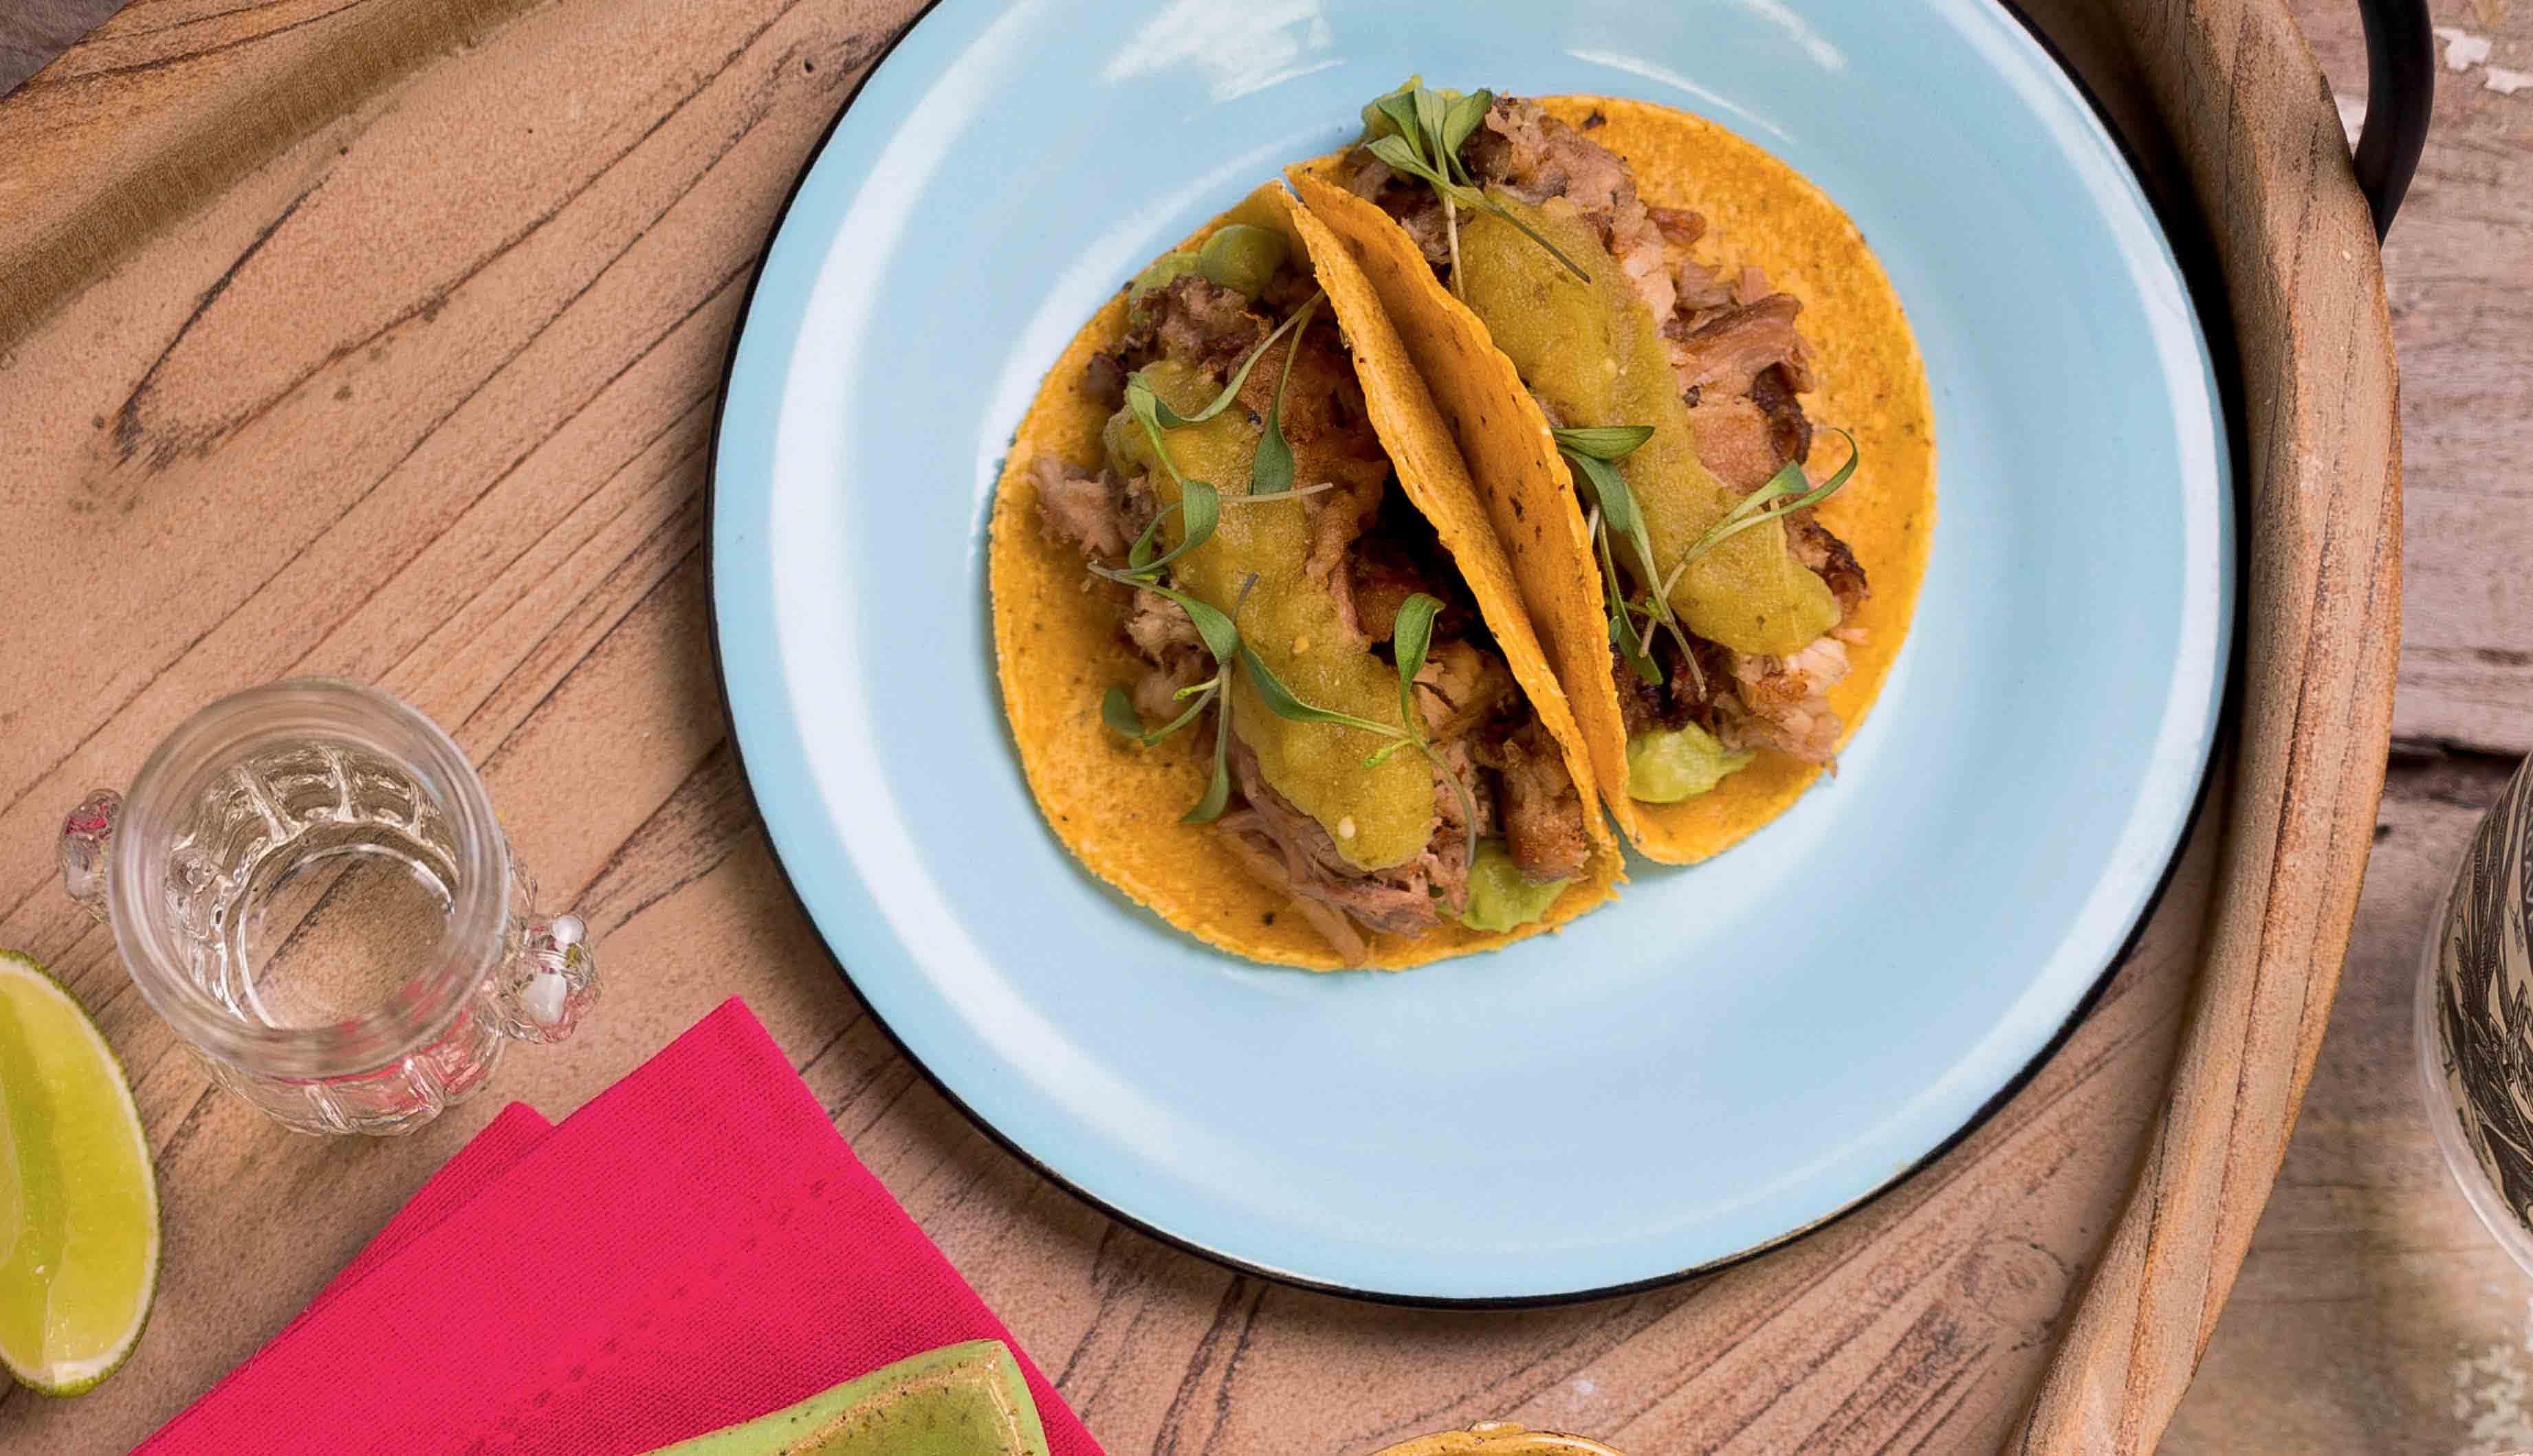 Tacos de carnitas, do Lupe, Bar y Taqueria